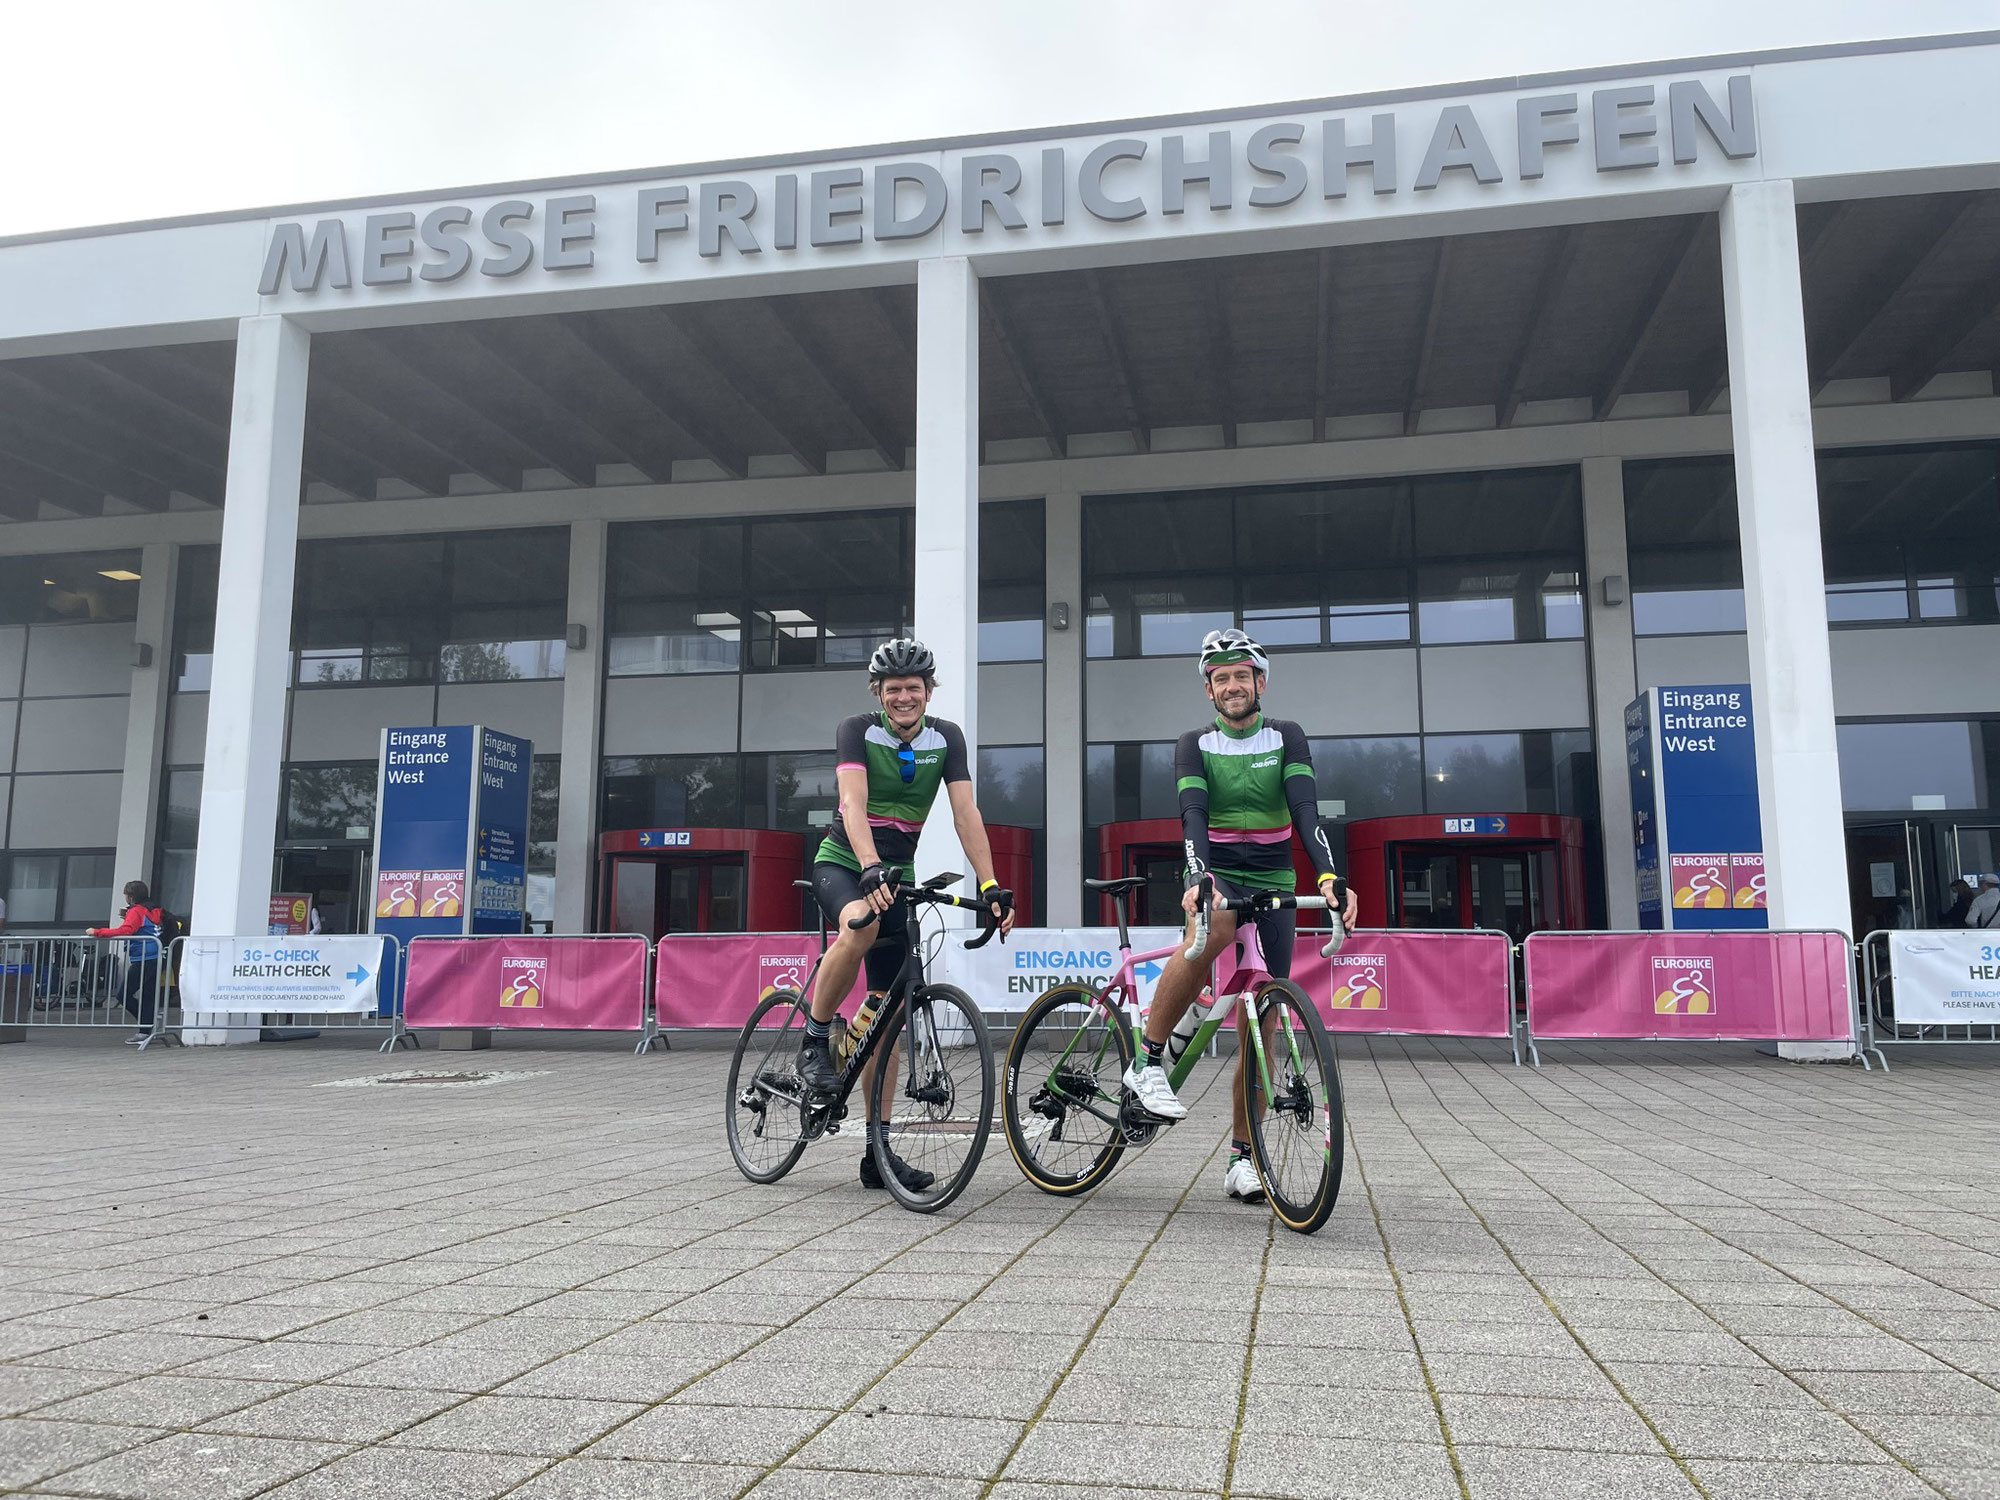 Danke, Friedrichshafen!